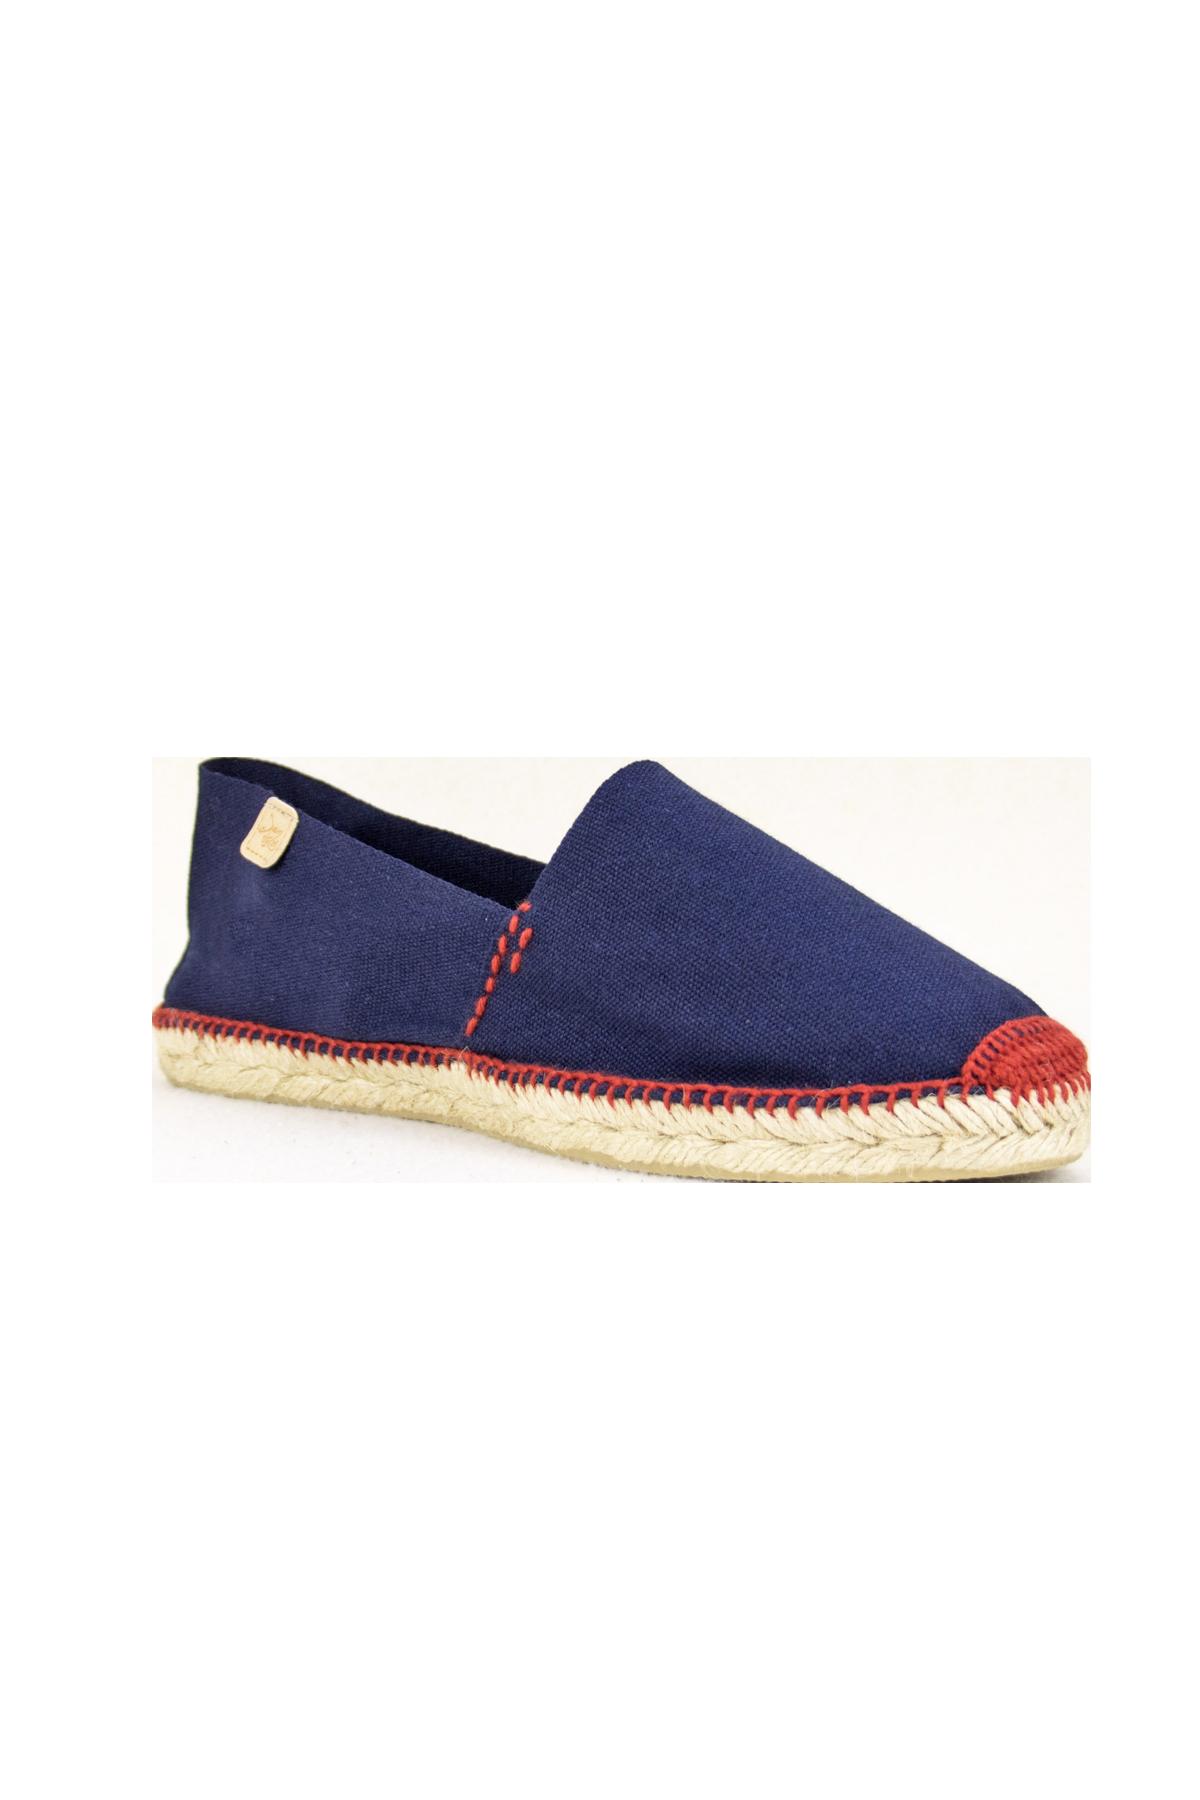 factory outlets great quality genuine shoes Espadrilles classiques bleu marine fil rouge